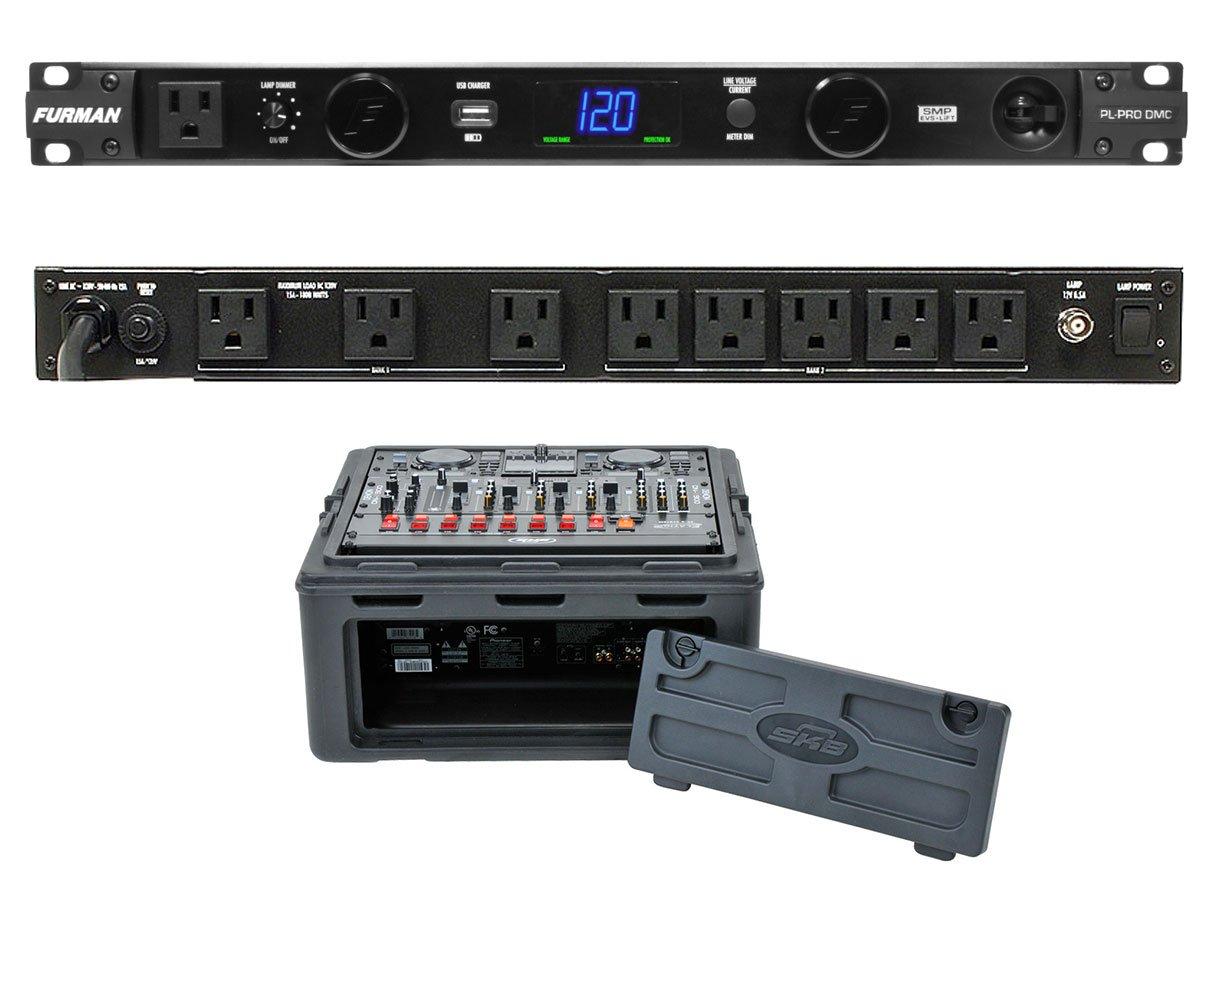 Furman PL-Pro DMC 20 Amp Power Conditioner + SKB 1SKB-R102 10U x 2U Slant Combo